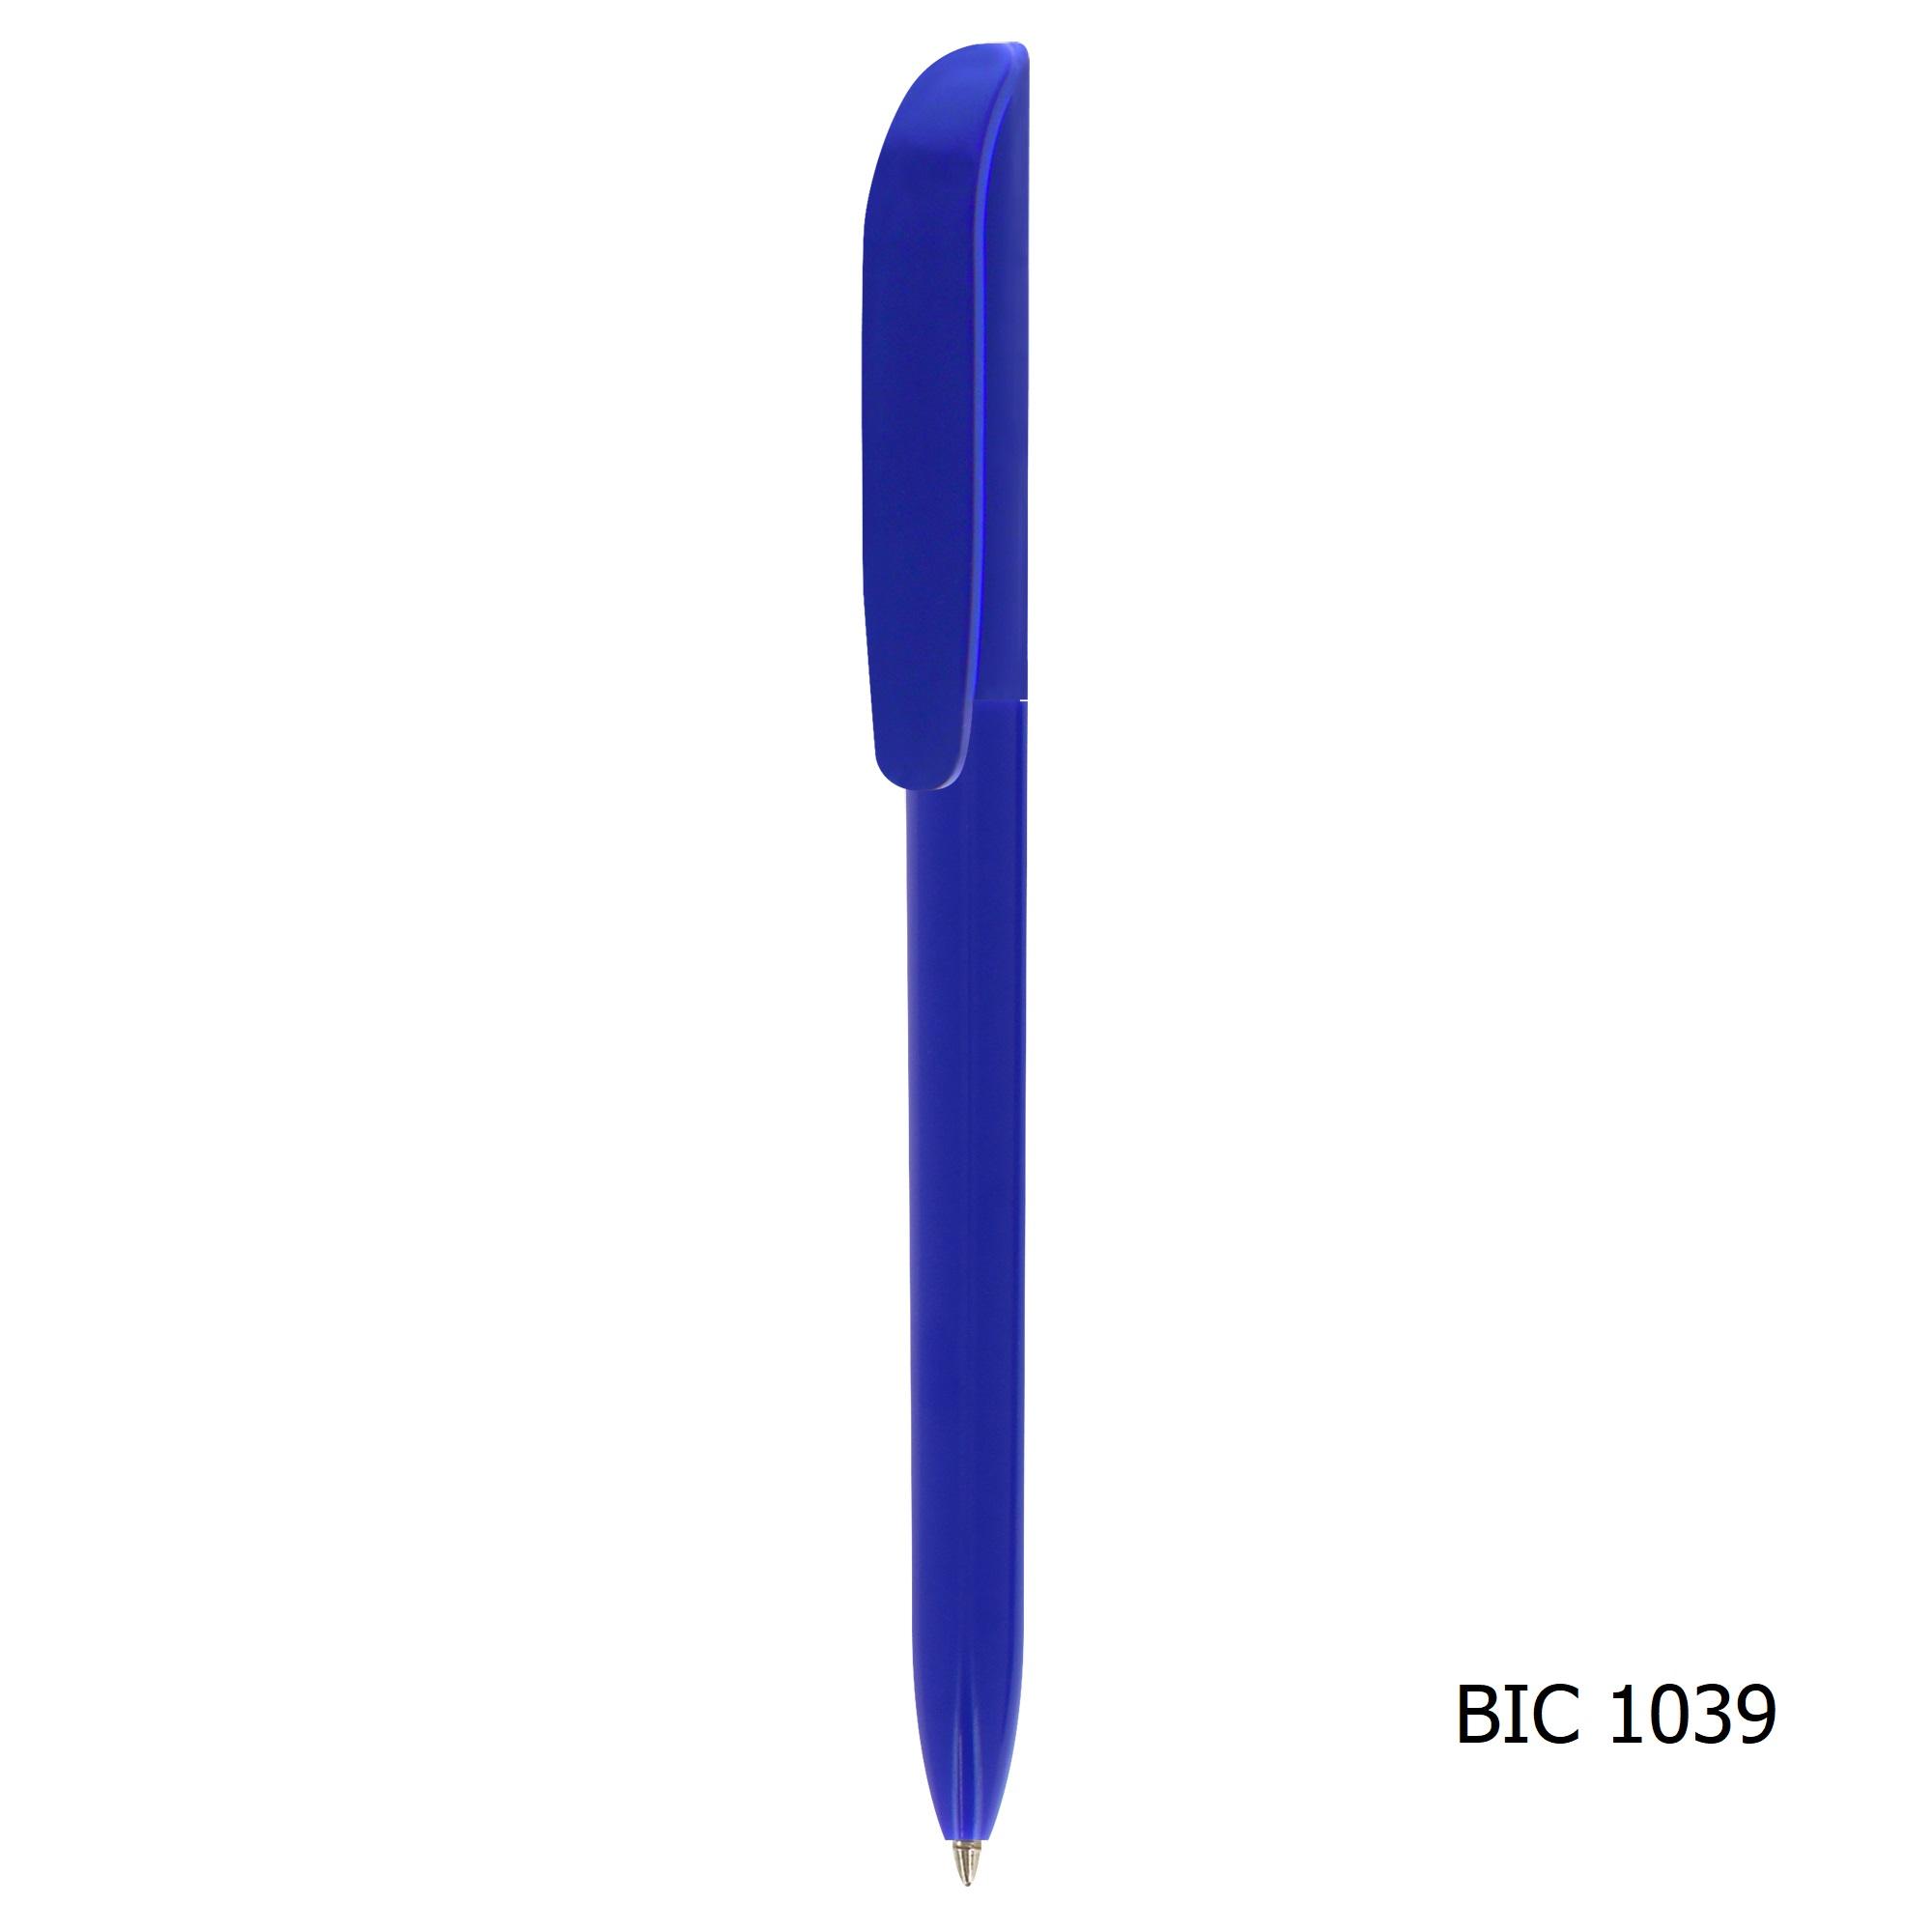 bic-twist-pen-1039_blue